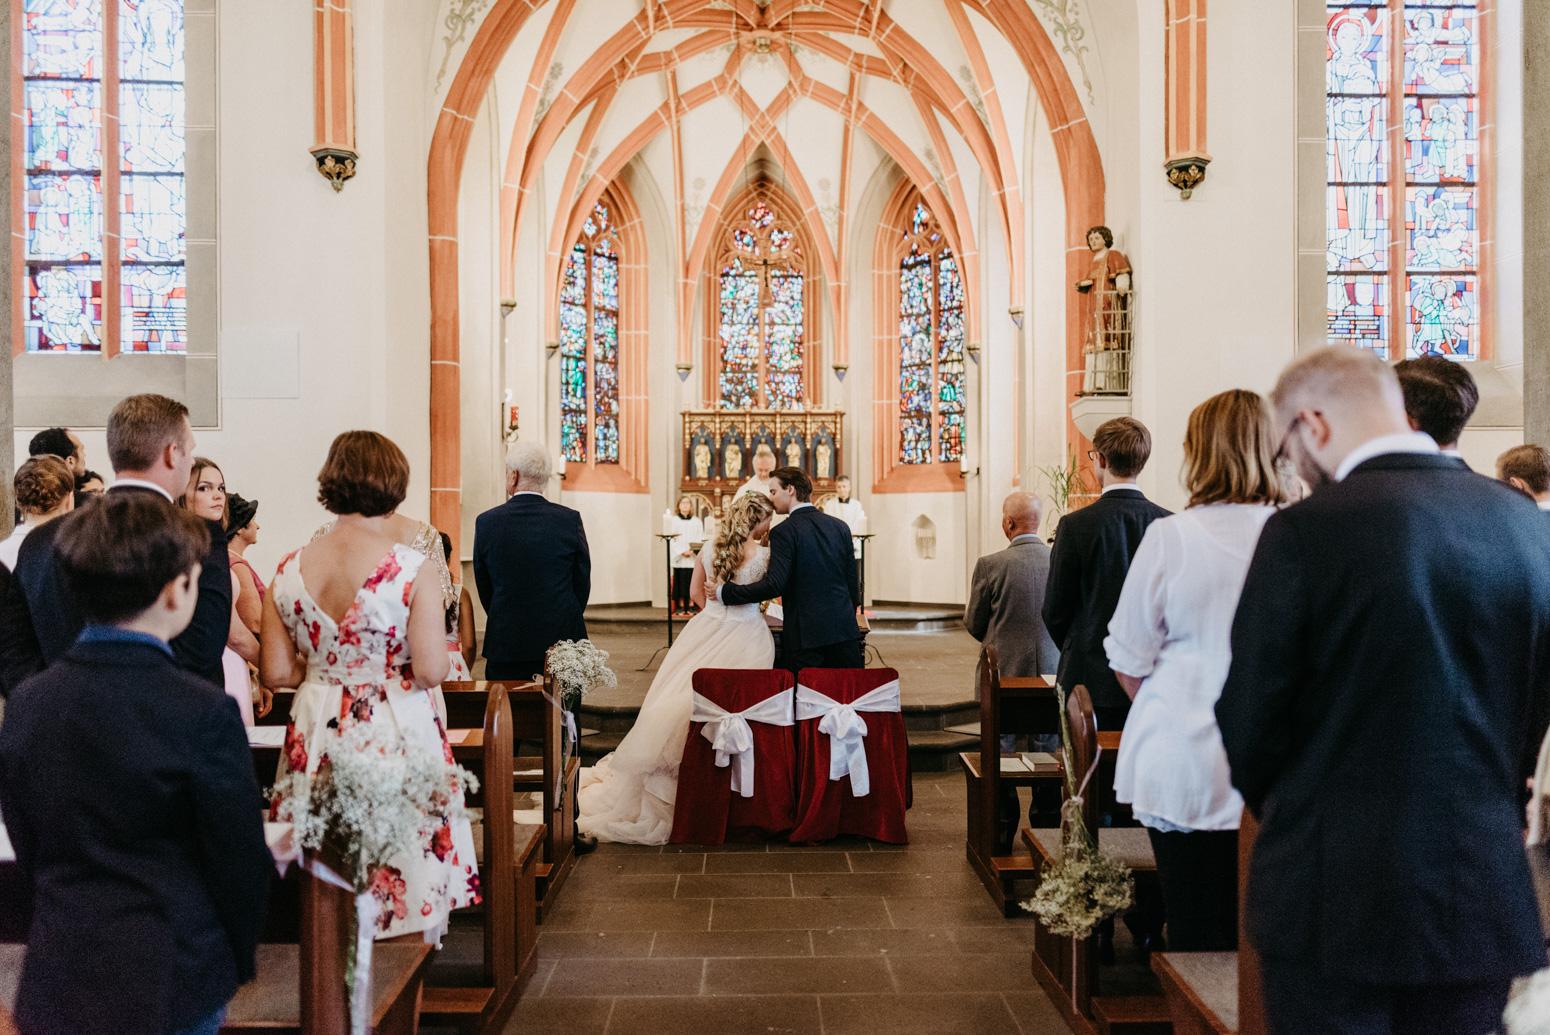 Trauung in der St. Laurentius Kirche in Oberwinter. Hochzeitsfotografin Daria Becker von Genuine Bonds aus Bonn